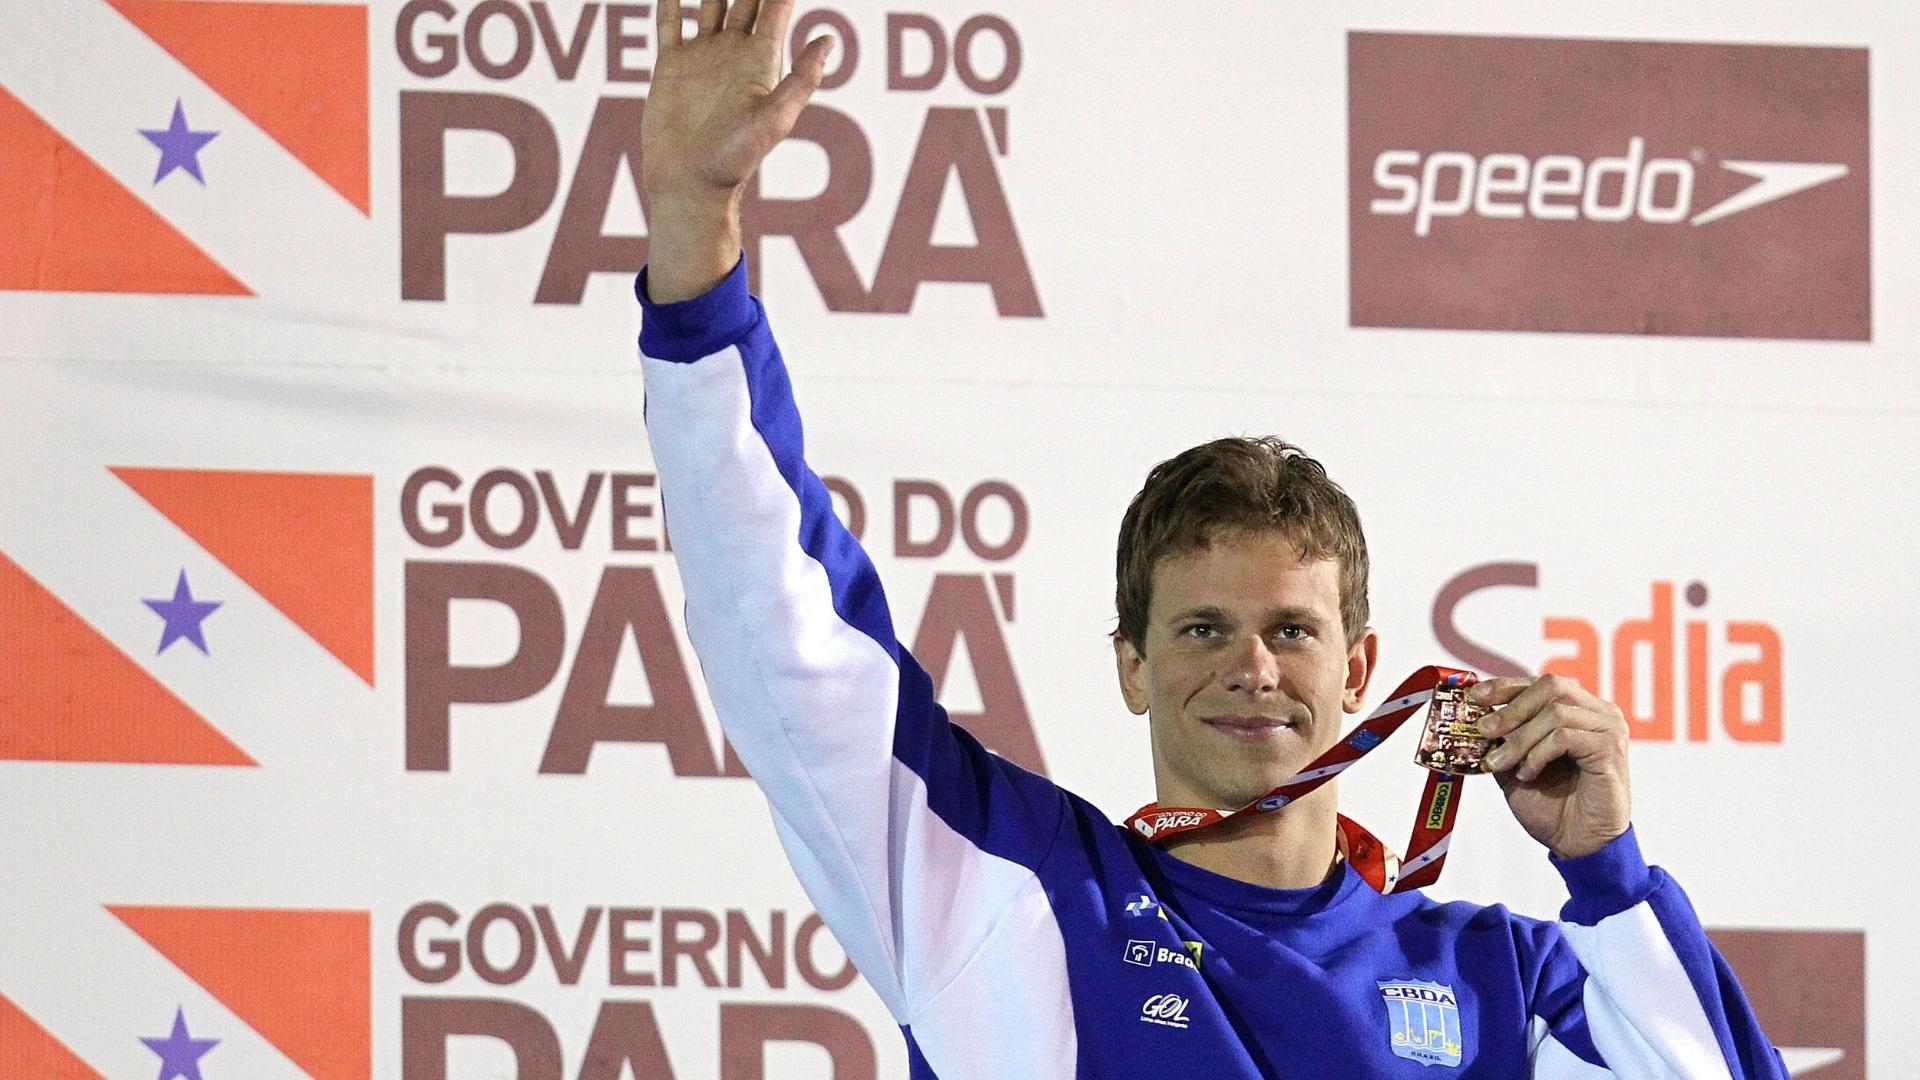 Cesar Cielo recebe a medalha de ouro pela vitória nos 100m livre do Sul-Americano de Esportes Aquáticos